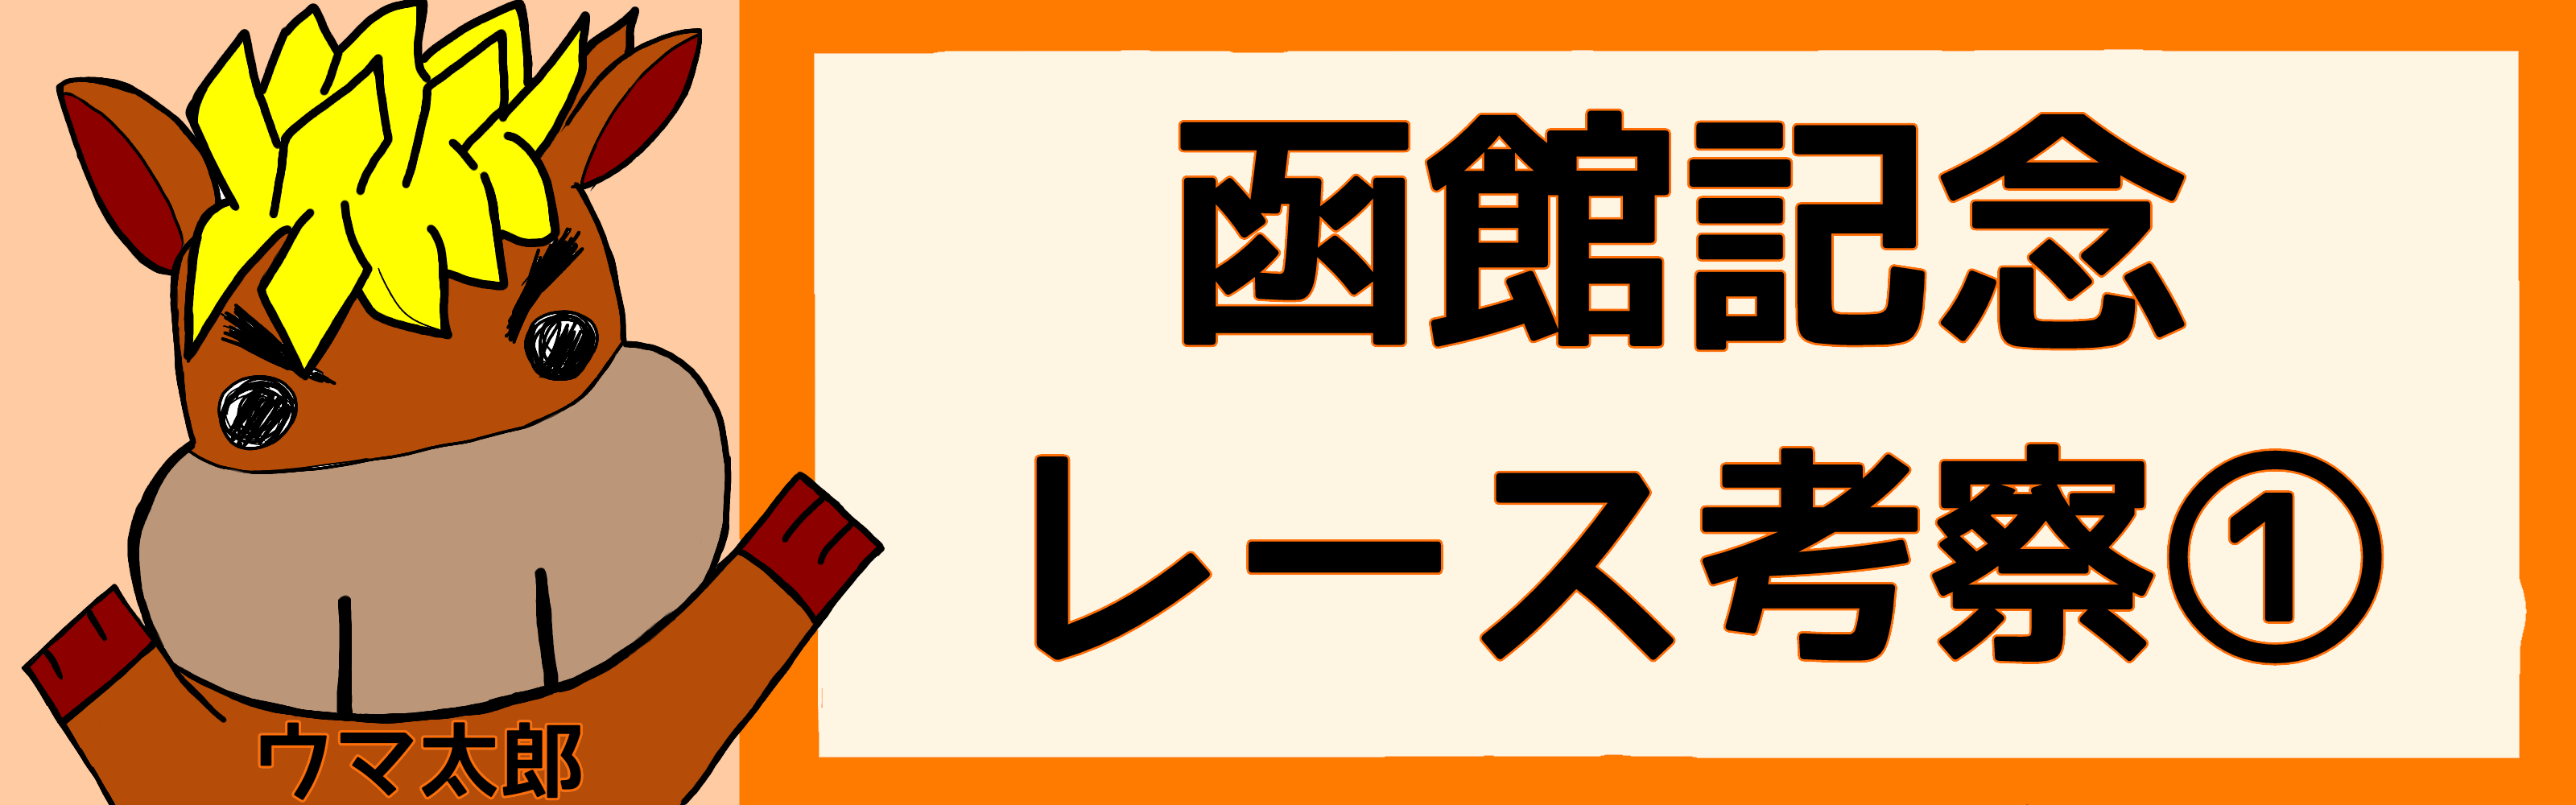 函館記念 レース考察①